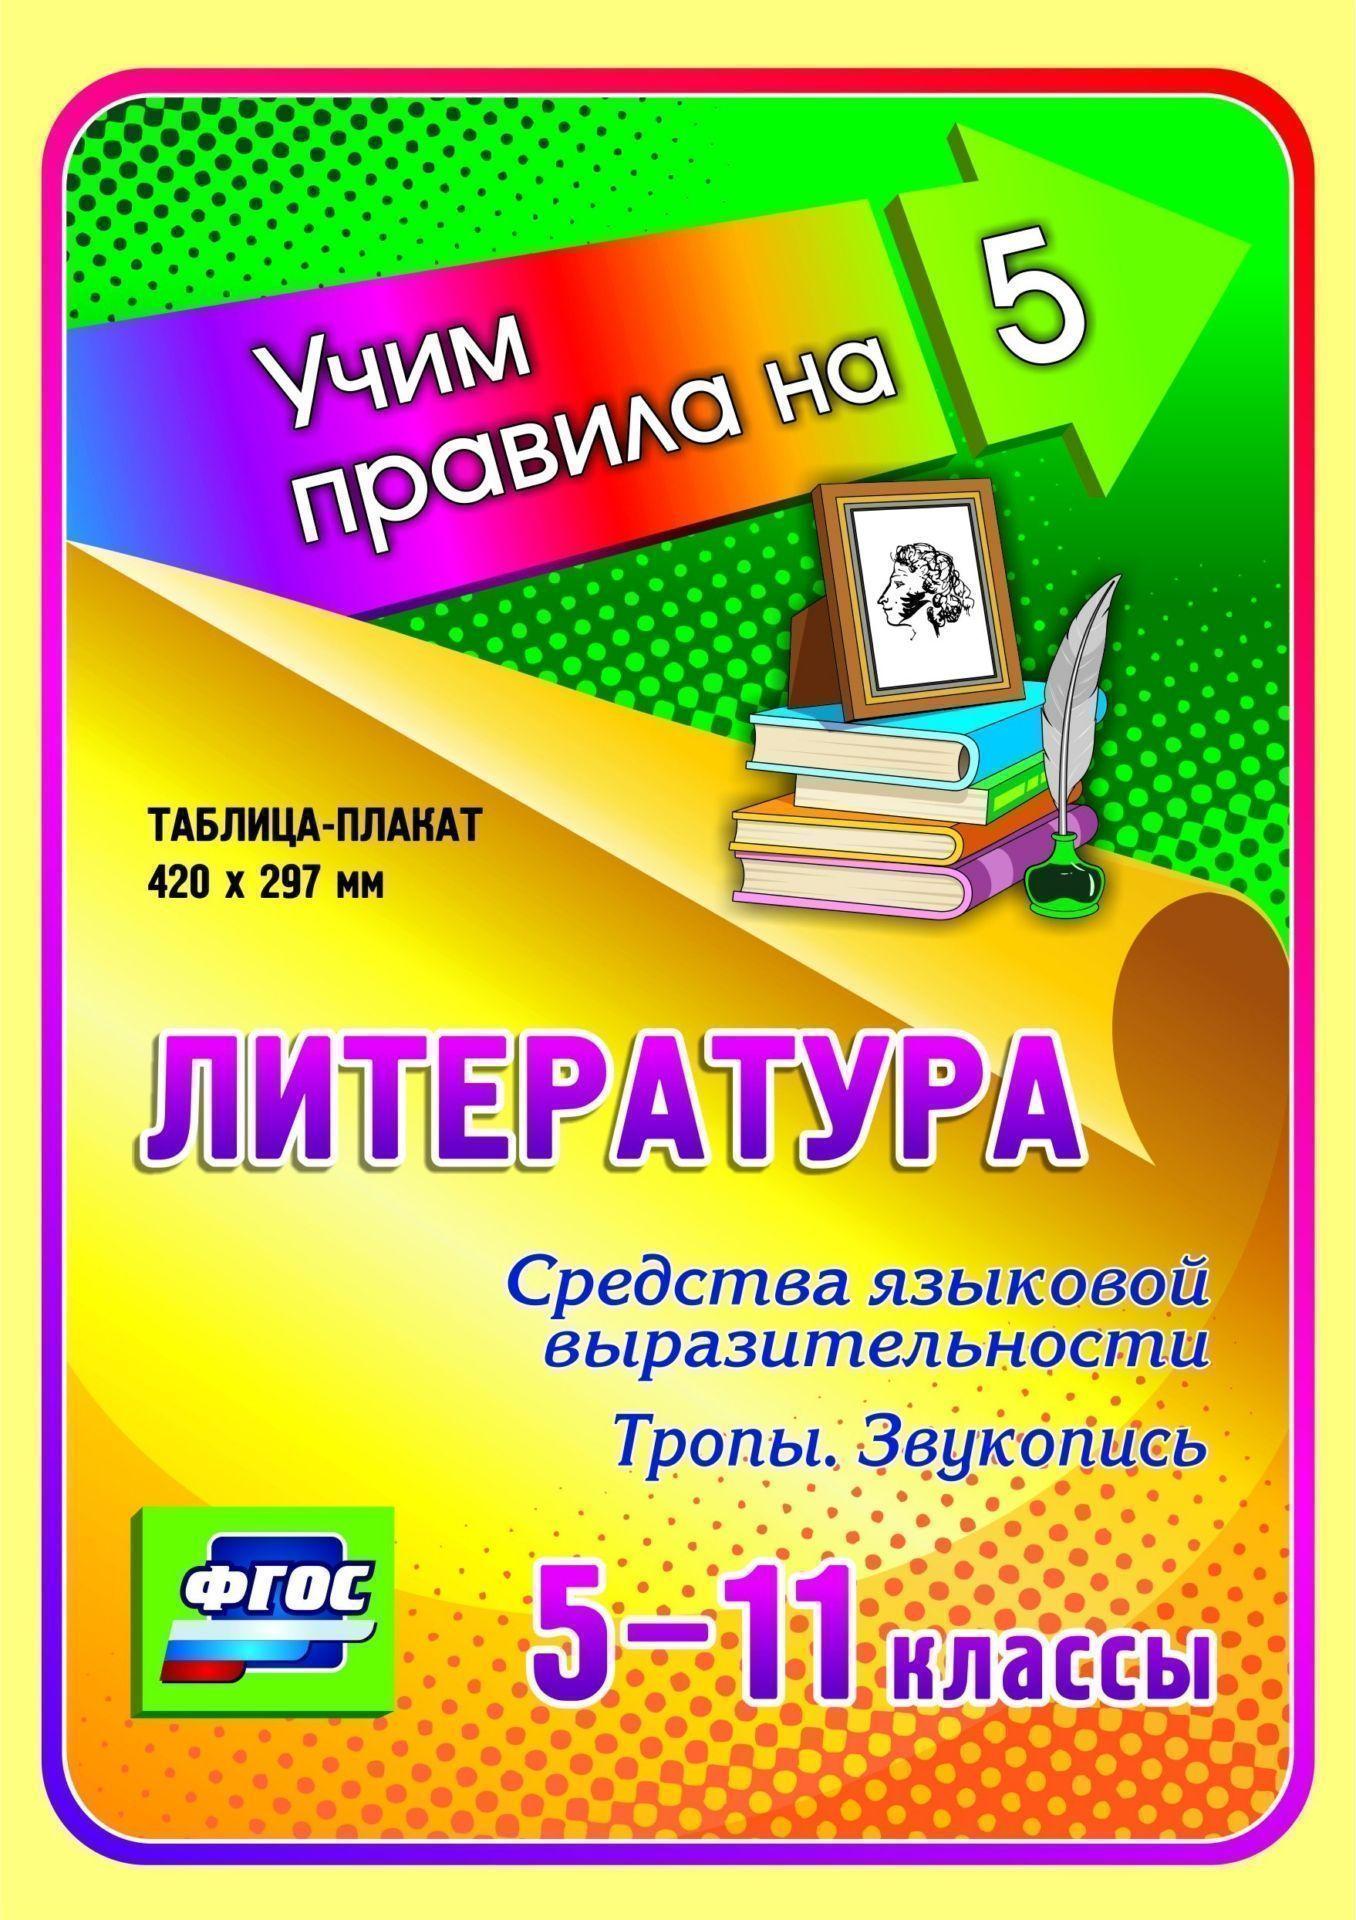 Литература. Средства языковой выразительности. Тропы. Звукопись. 5-11 классы: Таблица-плакат 420х297